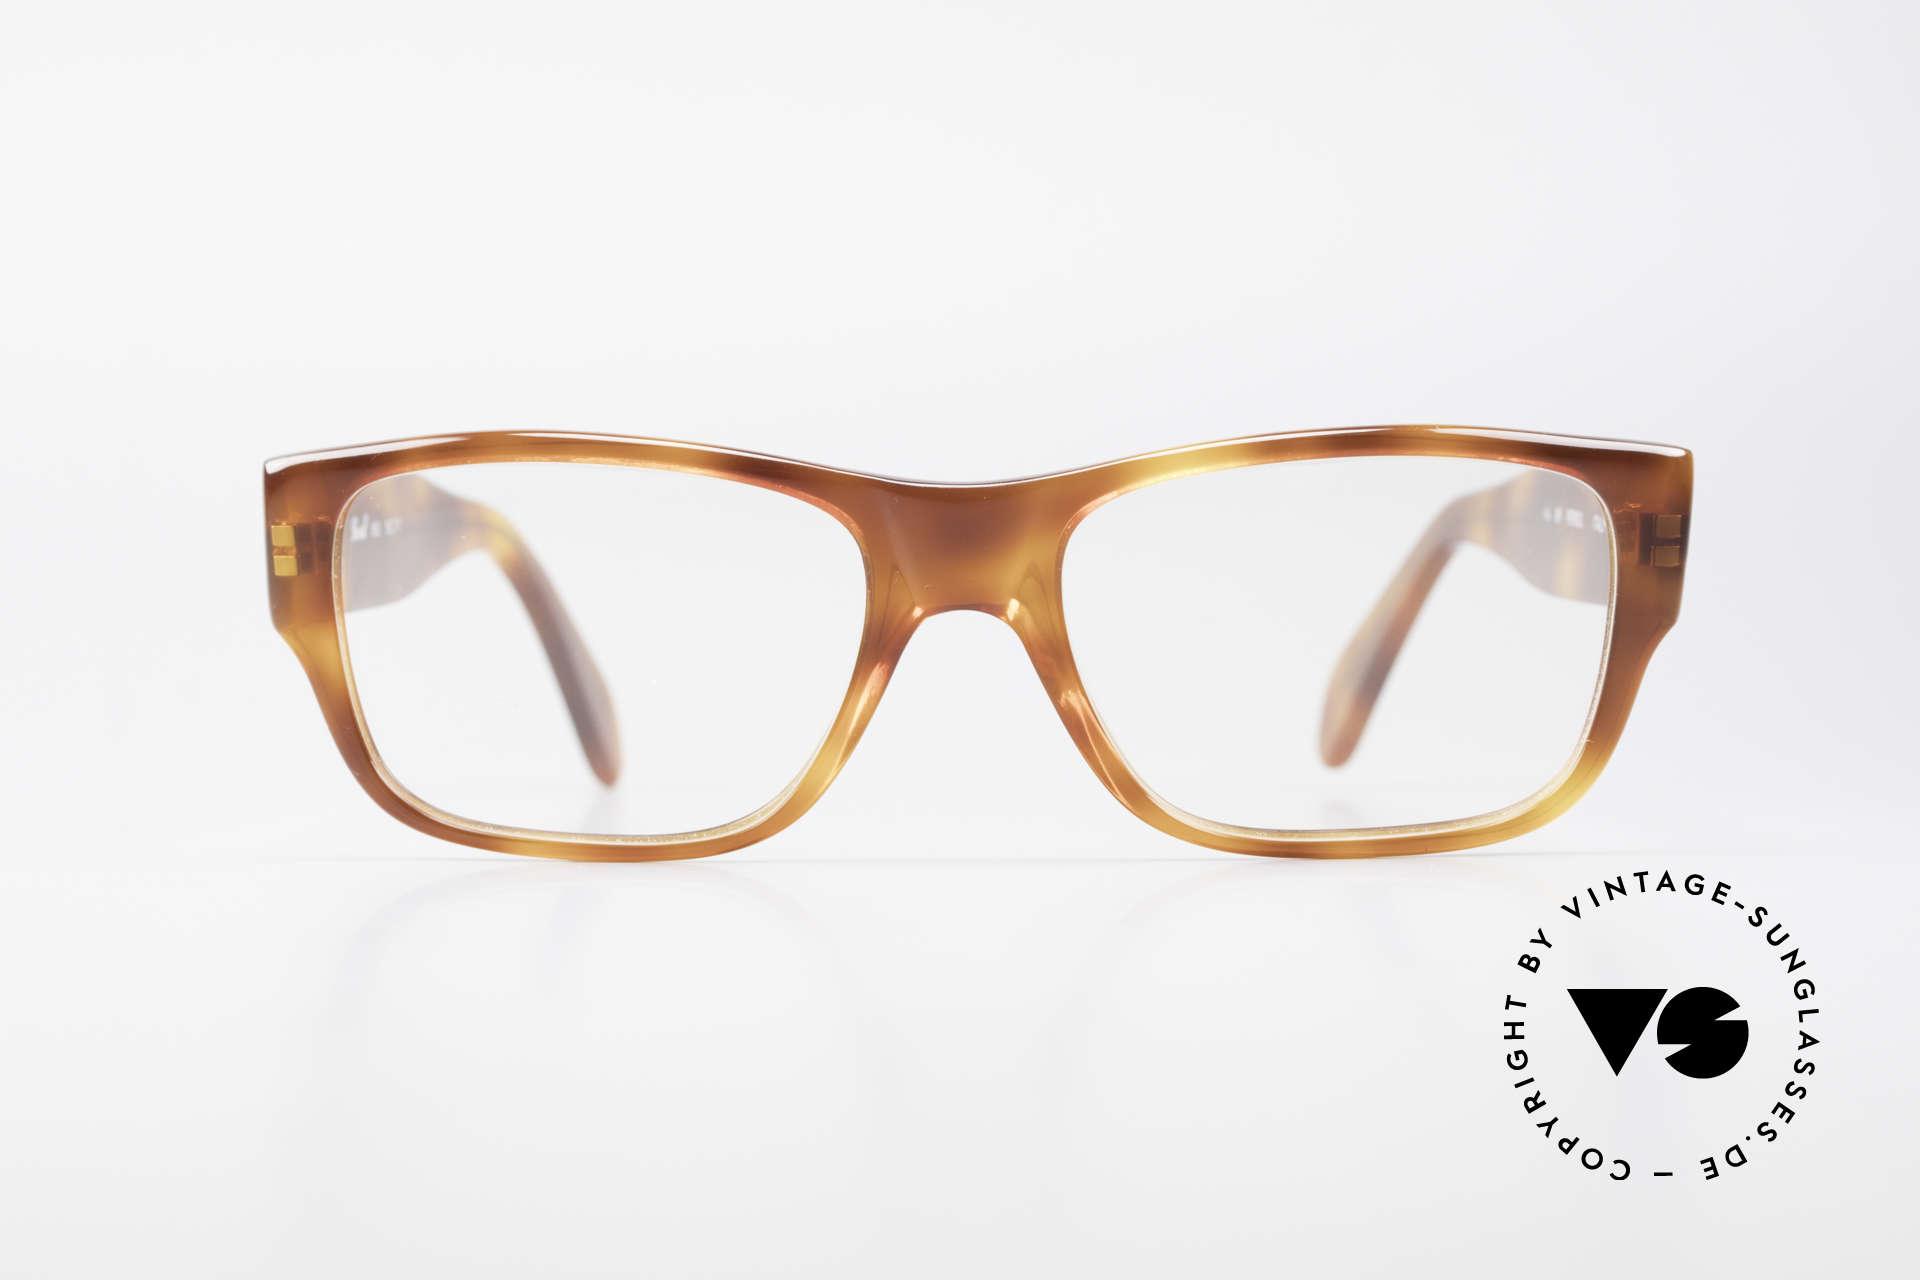 Persol 855 Striking Men's Vintage Frame, classic timeless design & best craftsmanship, Made for Men